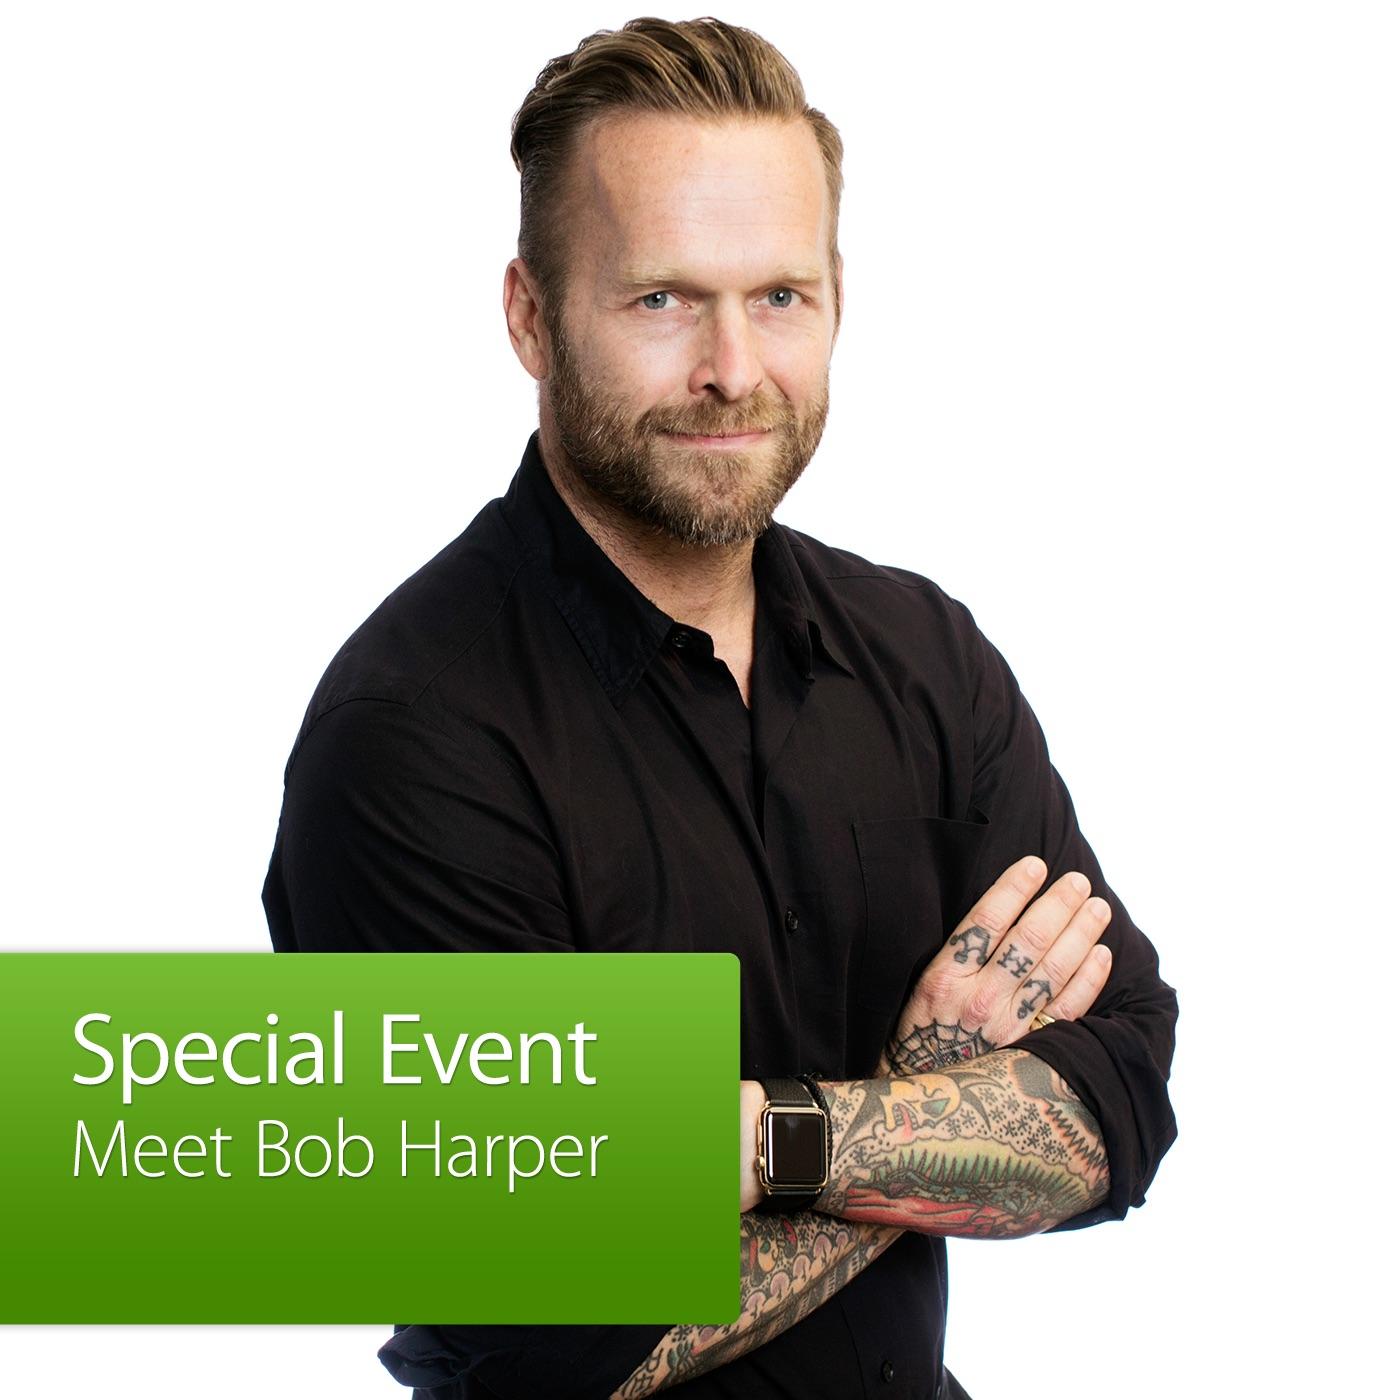 Special Event: Meet Bob Harper